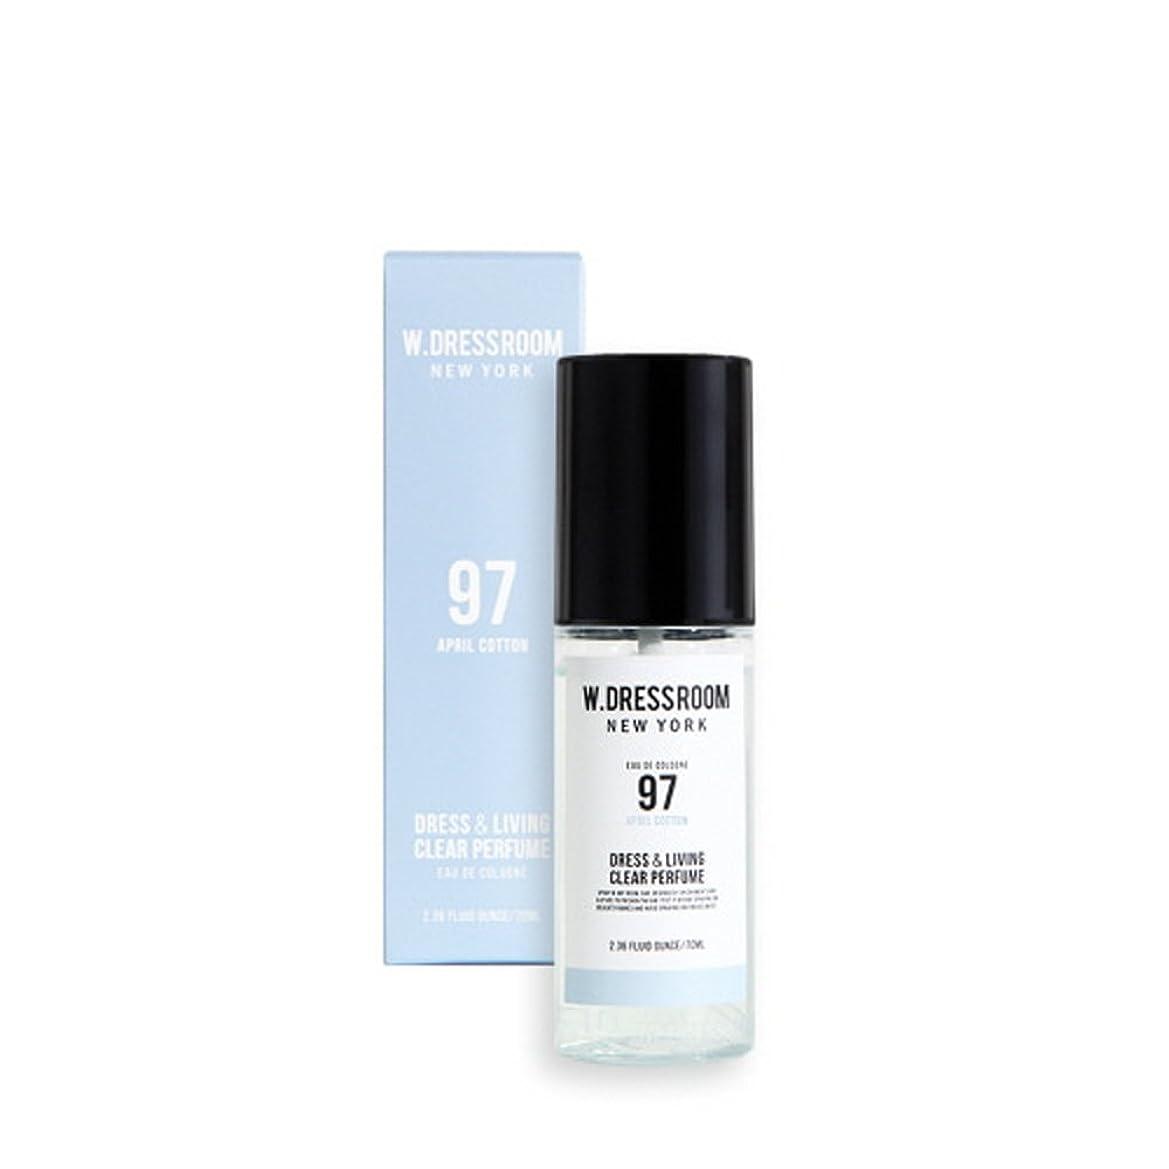 脅迫広範囲ガロンW.DRESSROOM Dress & Living Clear Perfume 70ml (#No.97 April Cotton)/ダブルドレスルーム ドレス&リビング クリア パフューム 70ml (#No.97 April Cotton) [並行輸入品]